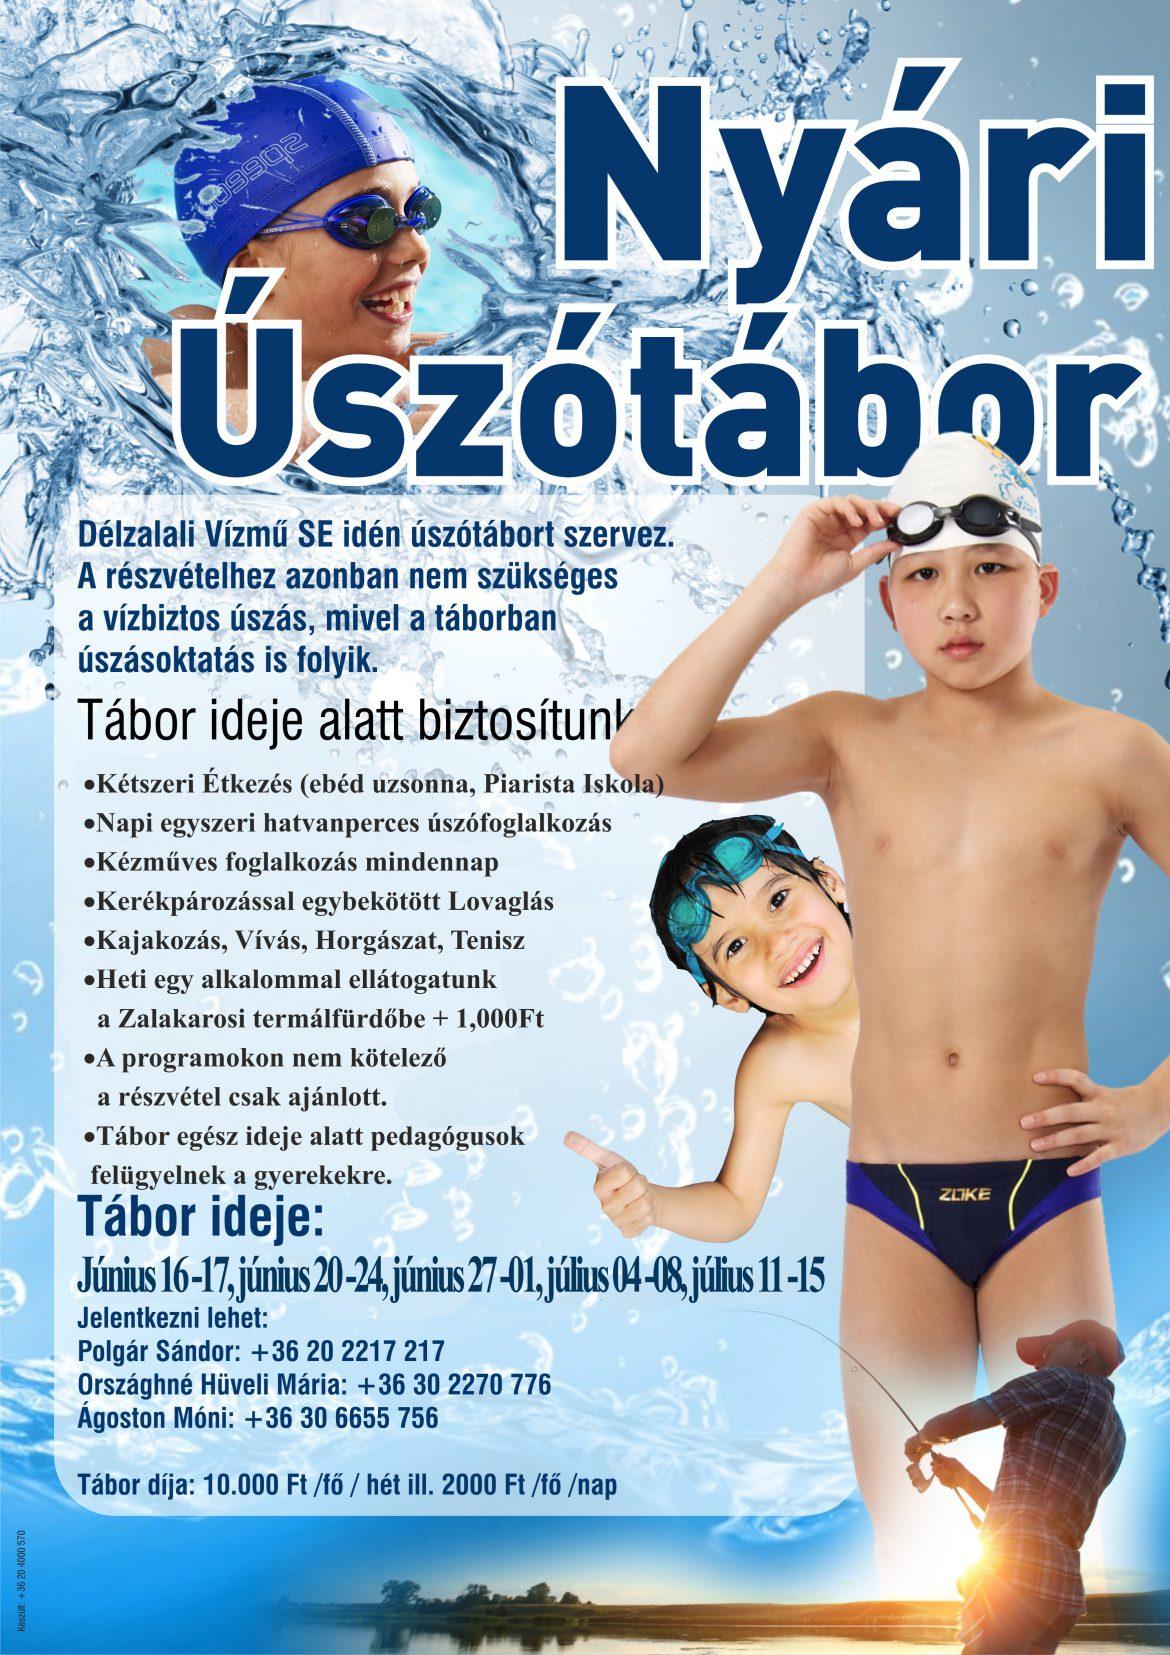 uszotabor plakat2016